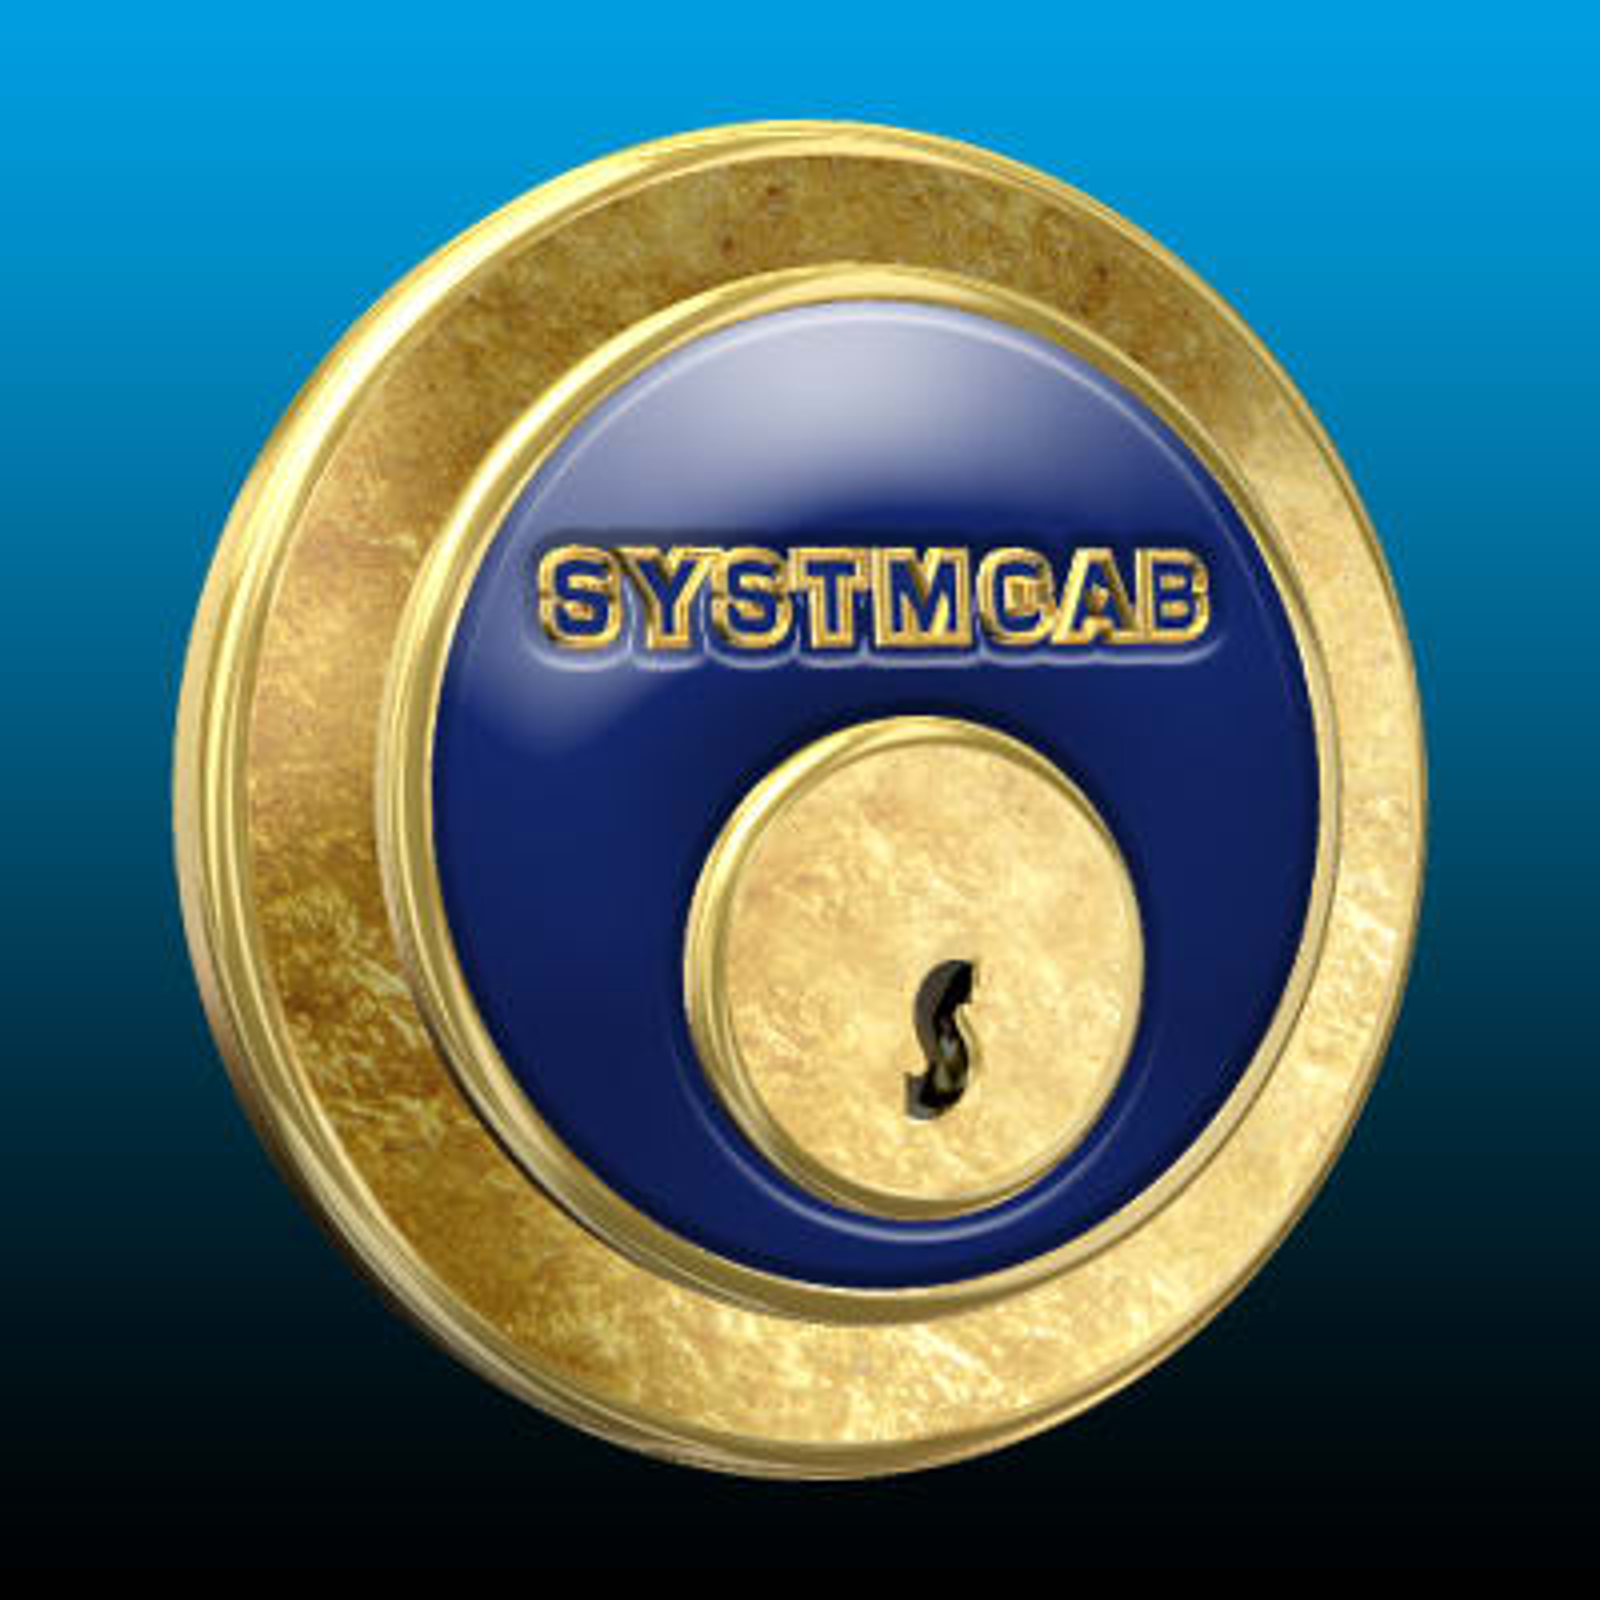 SystmCab Gestor Hotelero 1.0.5